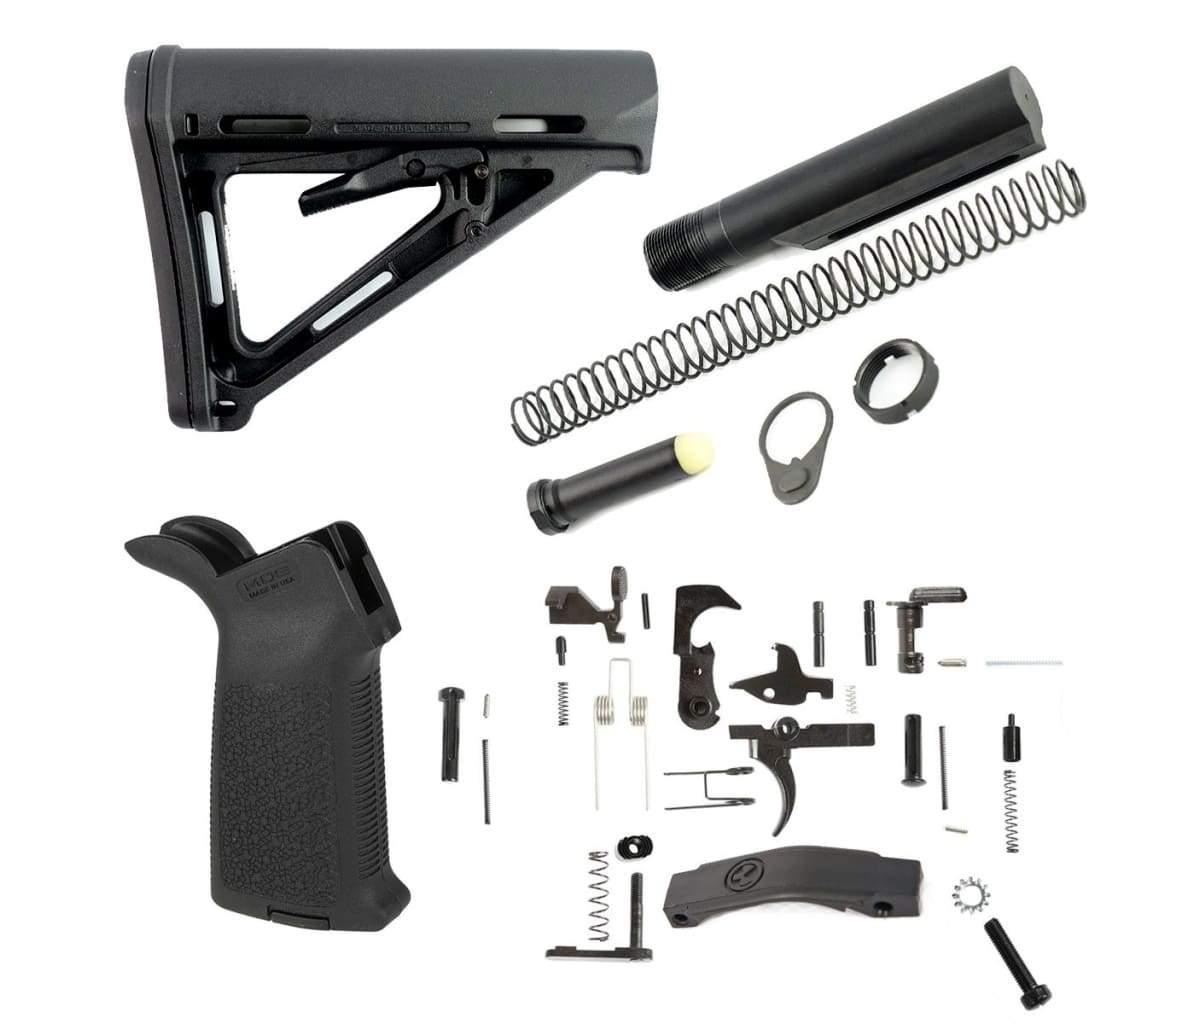 Magpul MOE Lower Build Kit - Black